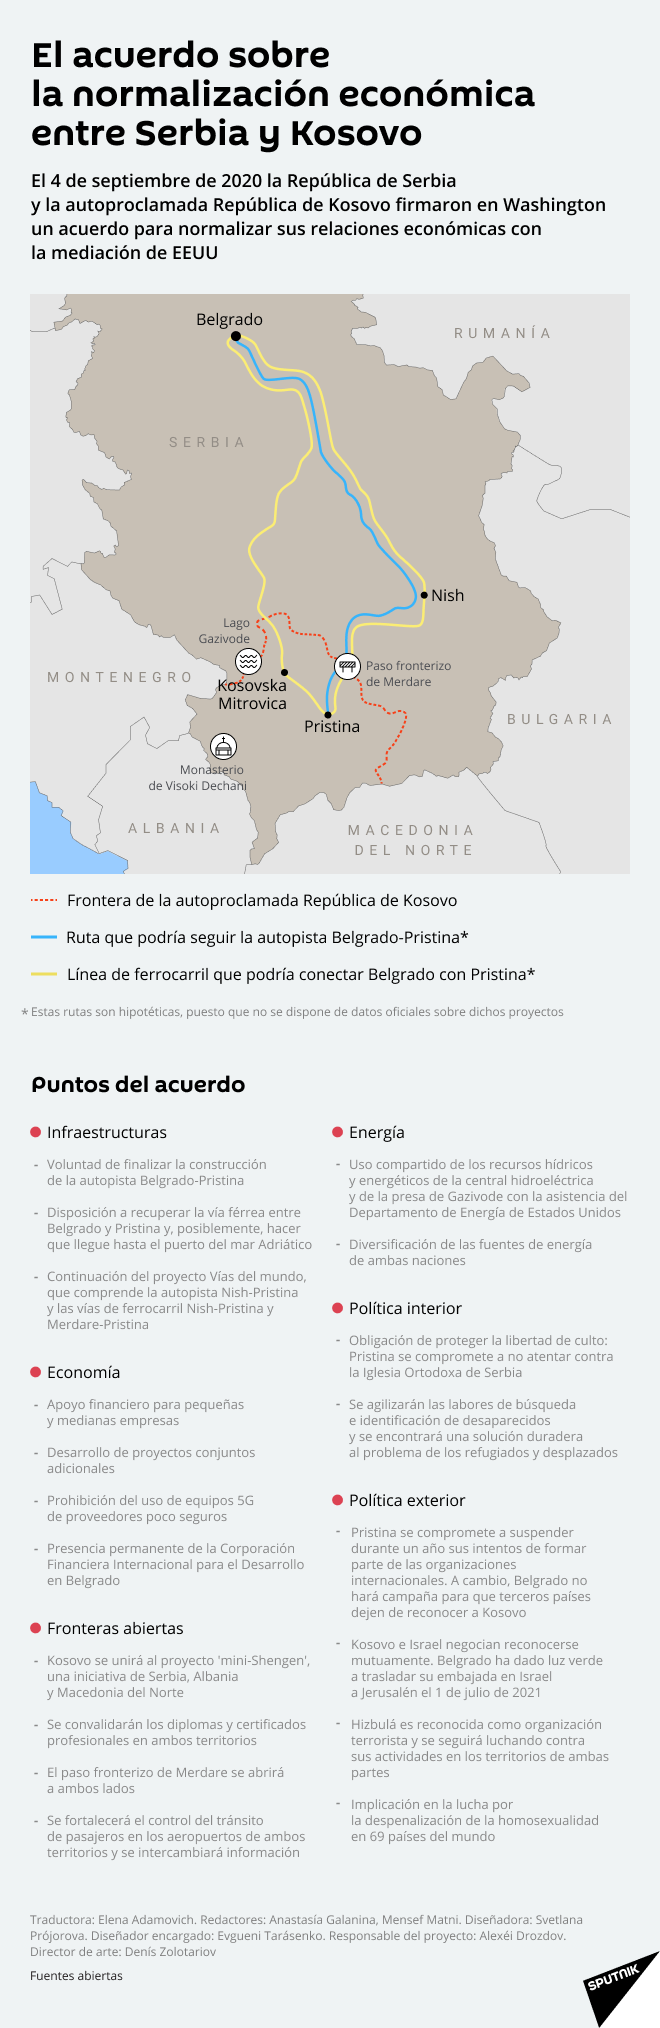 Los puntos clave del acuerdo entre Serbia y Kosovo - Sputnik Mundo